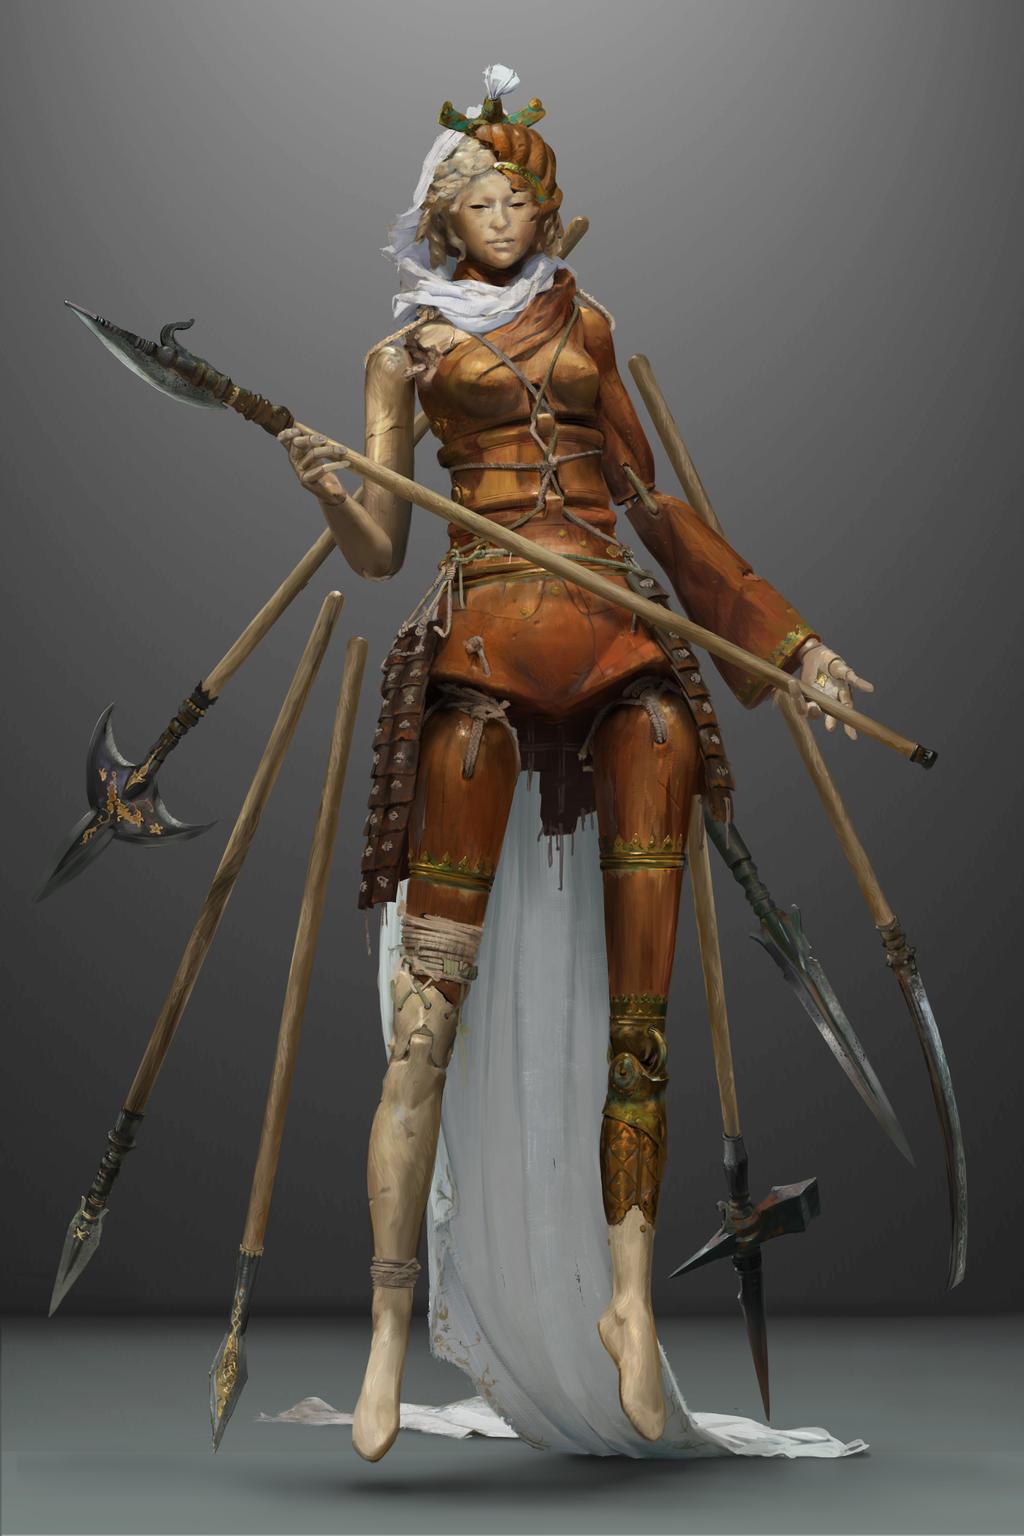 The Flightwood Queen